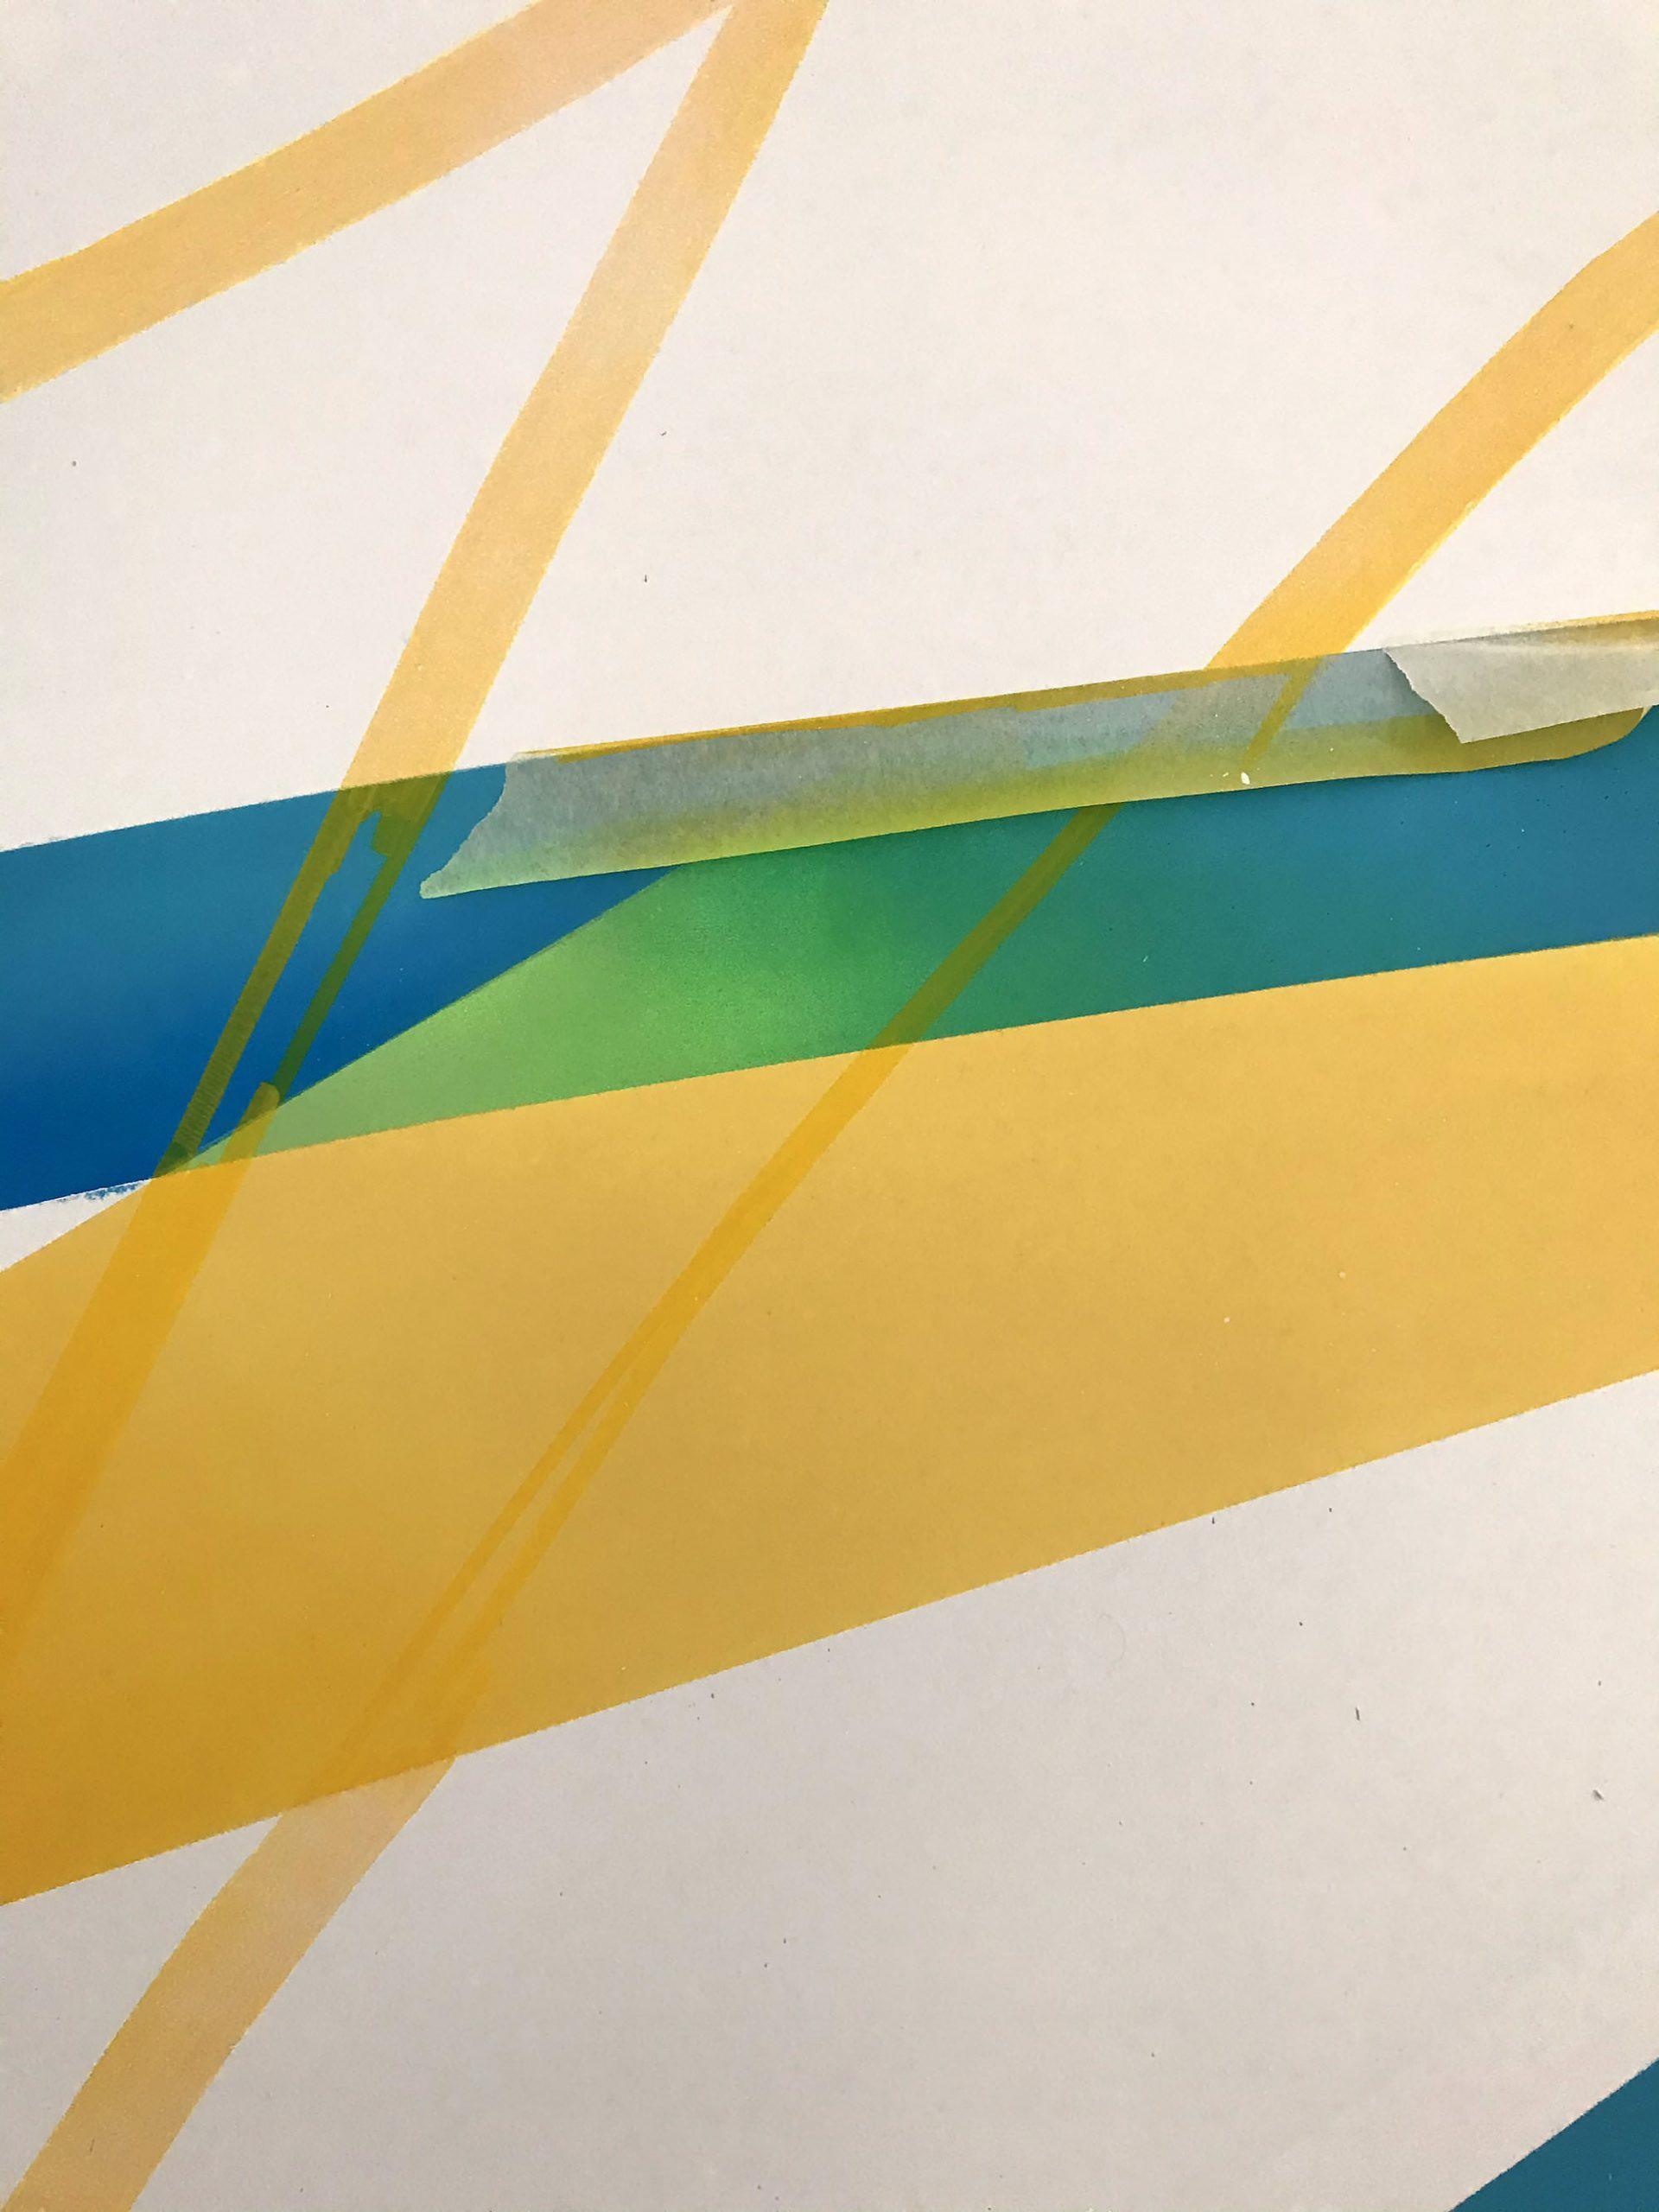 deco-interieur-graphique-lines-color